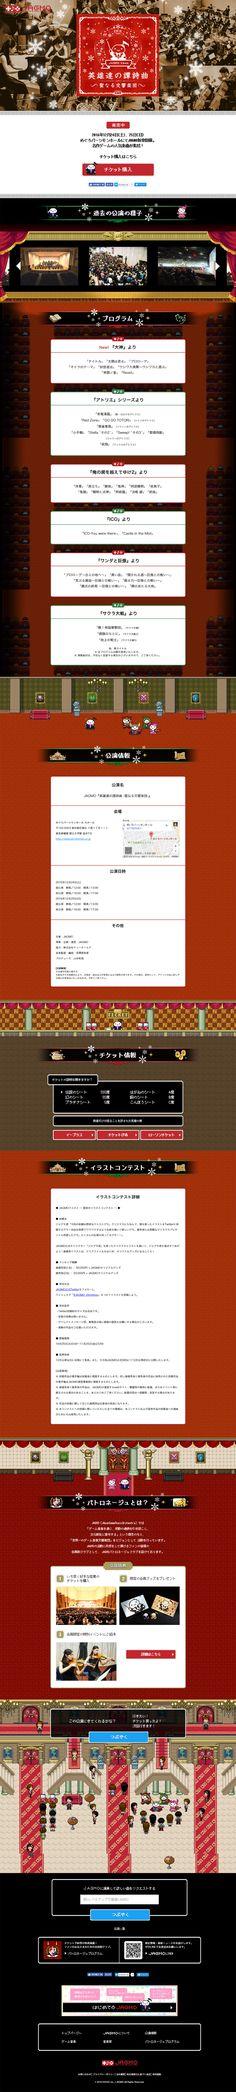 英雄達の譚詩曲【本・音楽・ゲーム関連】のLPデザイン。WEBデザイナーさん必見!ランディングページのデザイン参考に(にぎやか系)